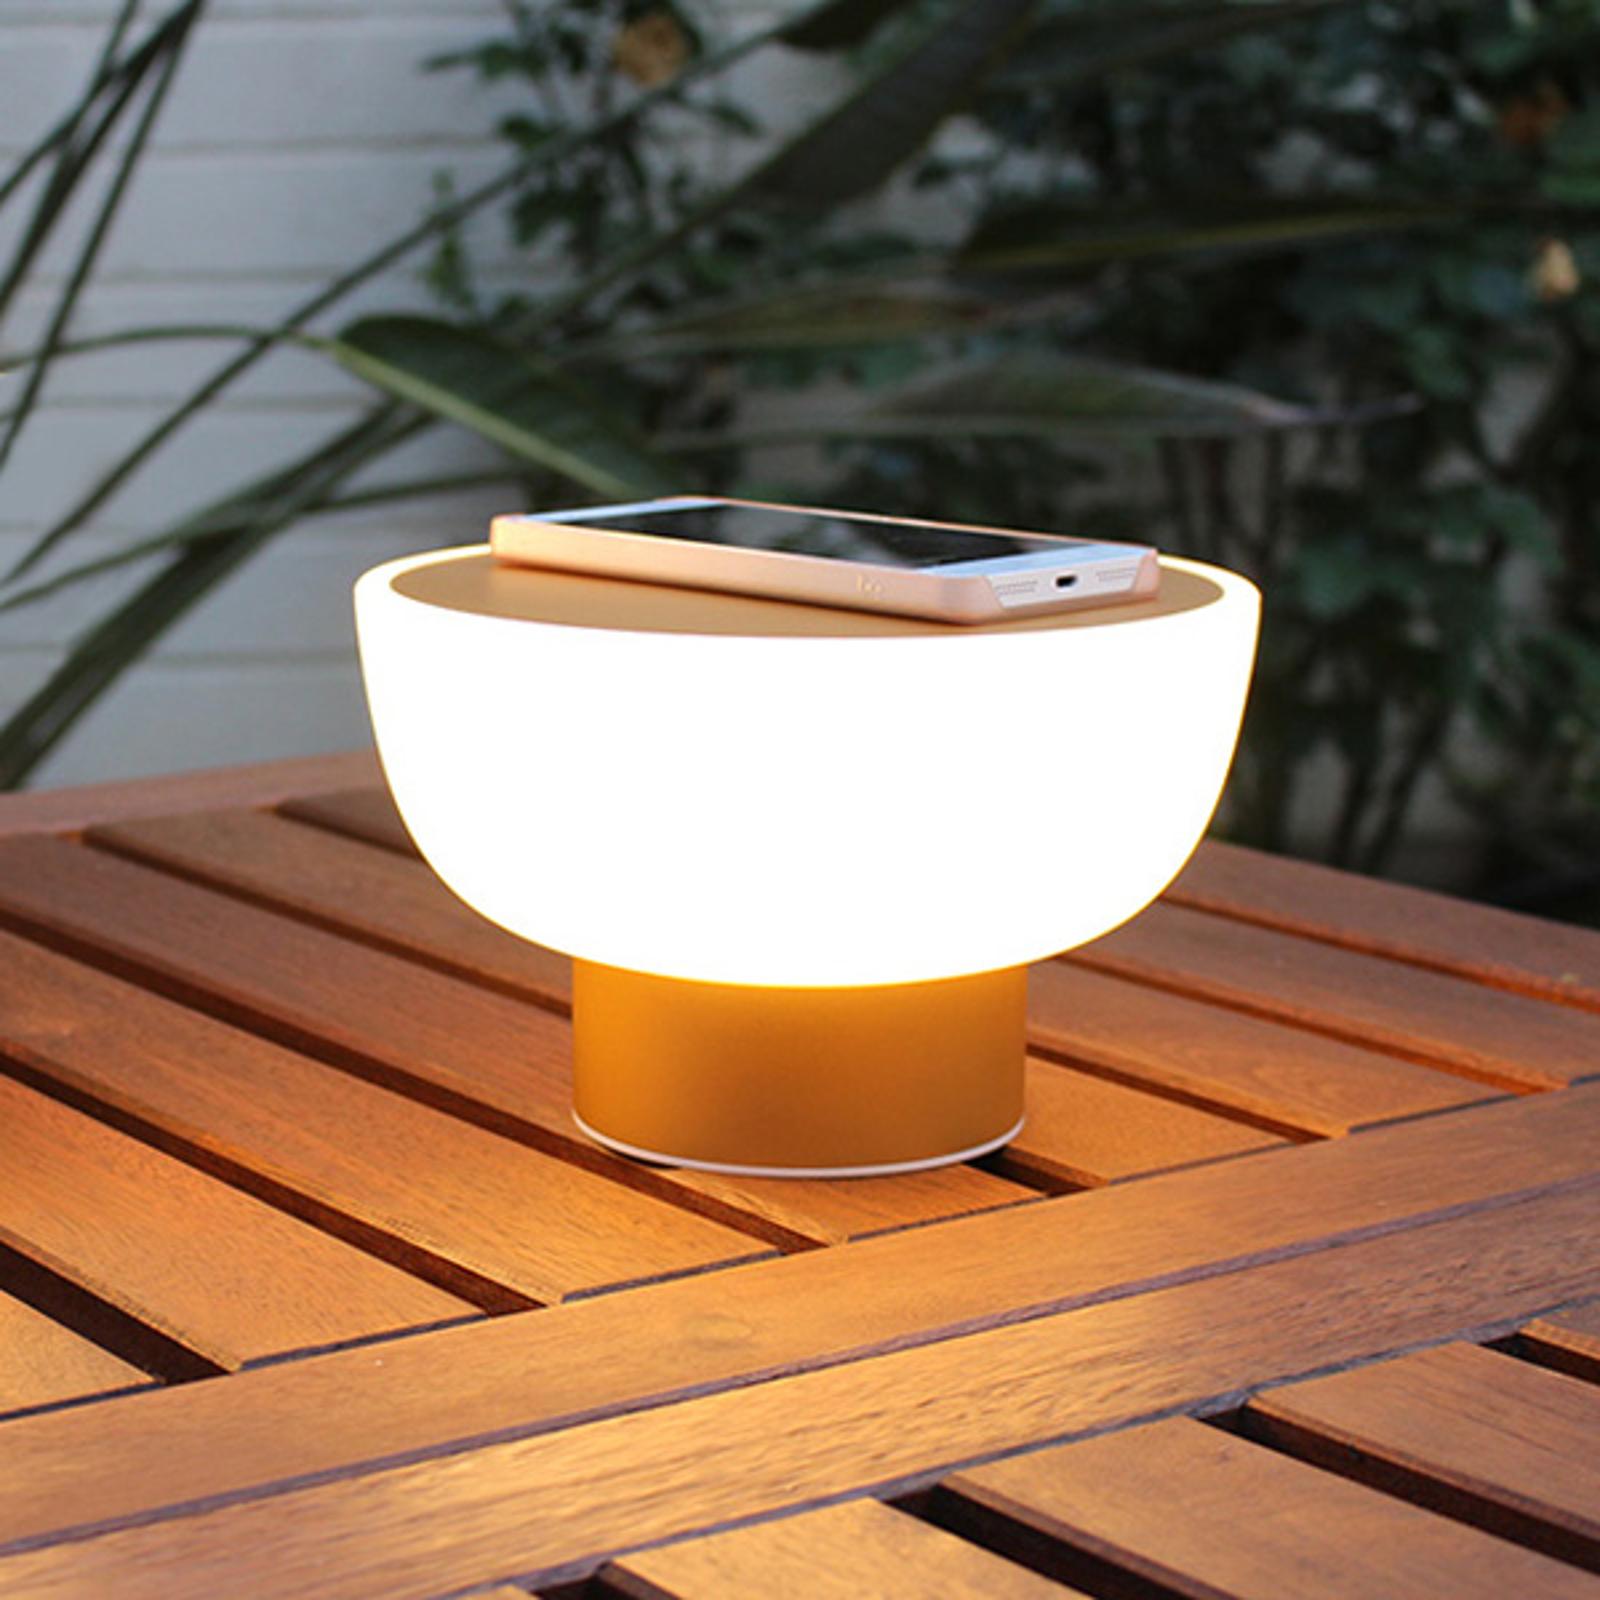 Lampada LED decorativa Patio dorata 20 cm